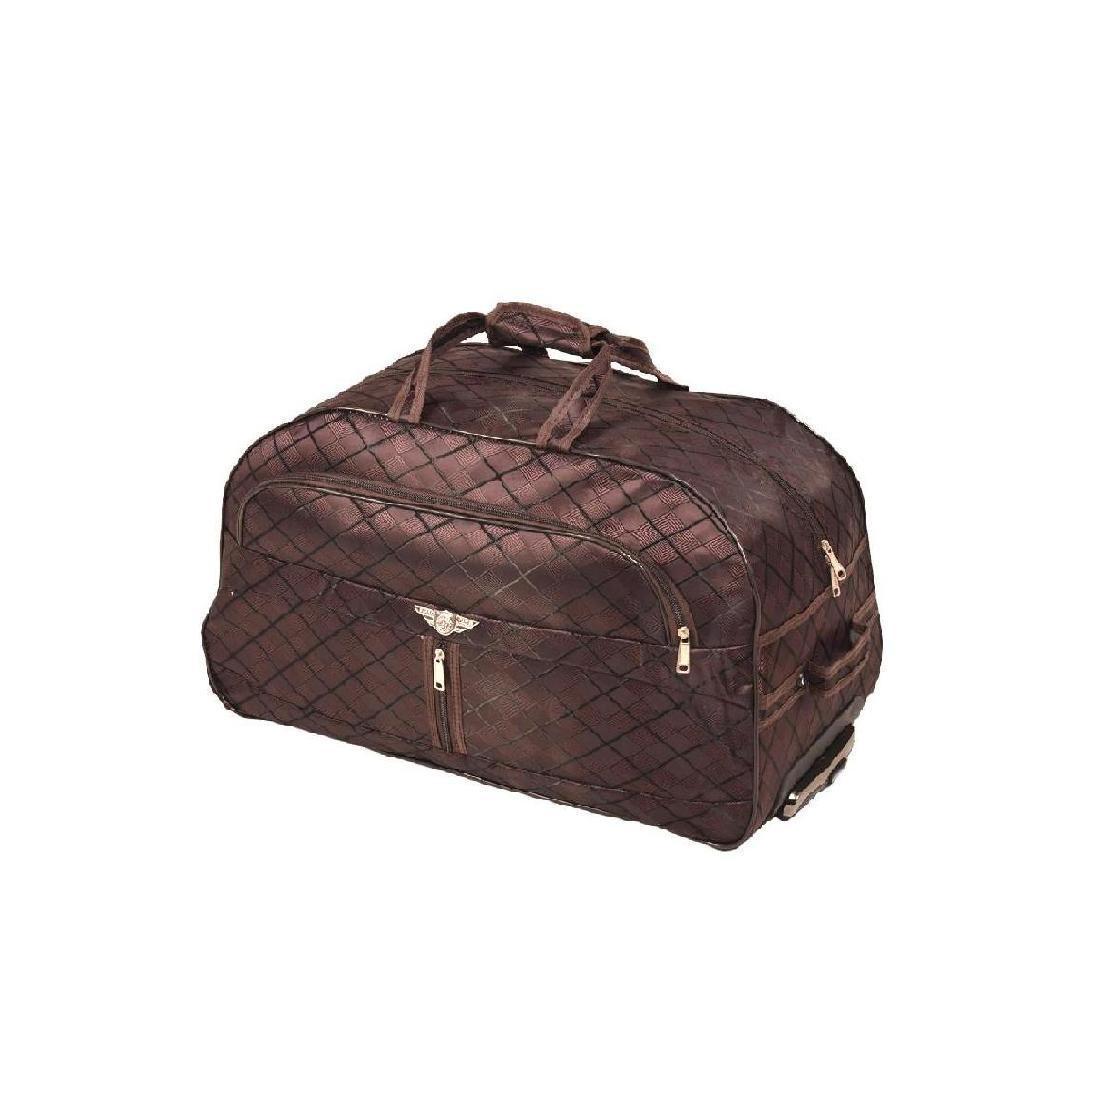 Дорожная сумка BagHouse 50 х 32 х 28 см Коричневая (ксЛ009мф)